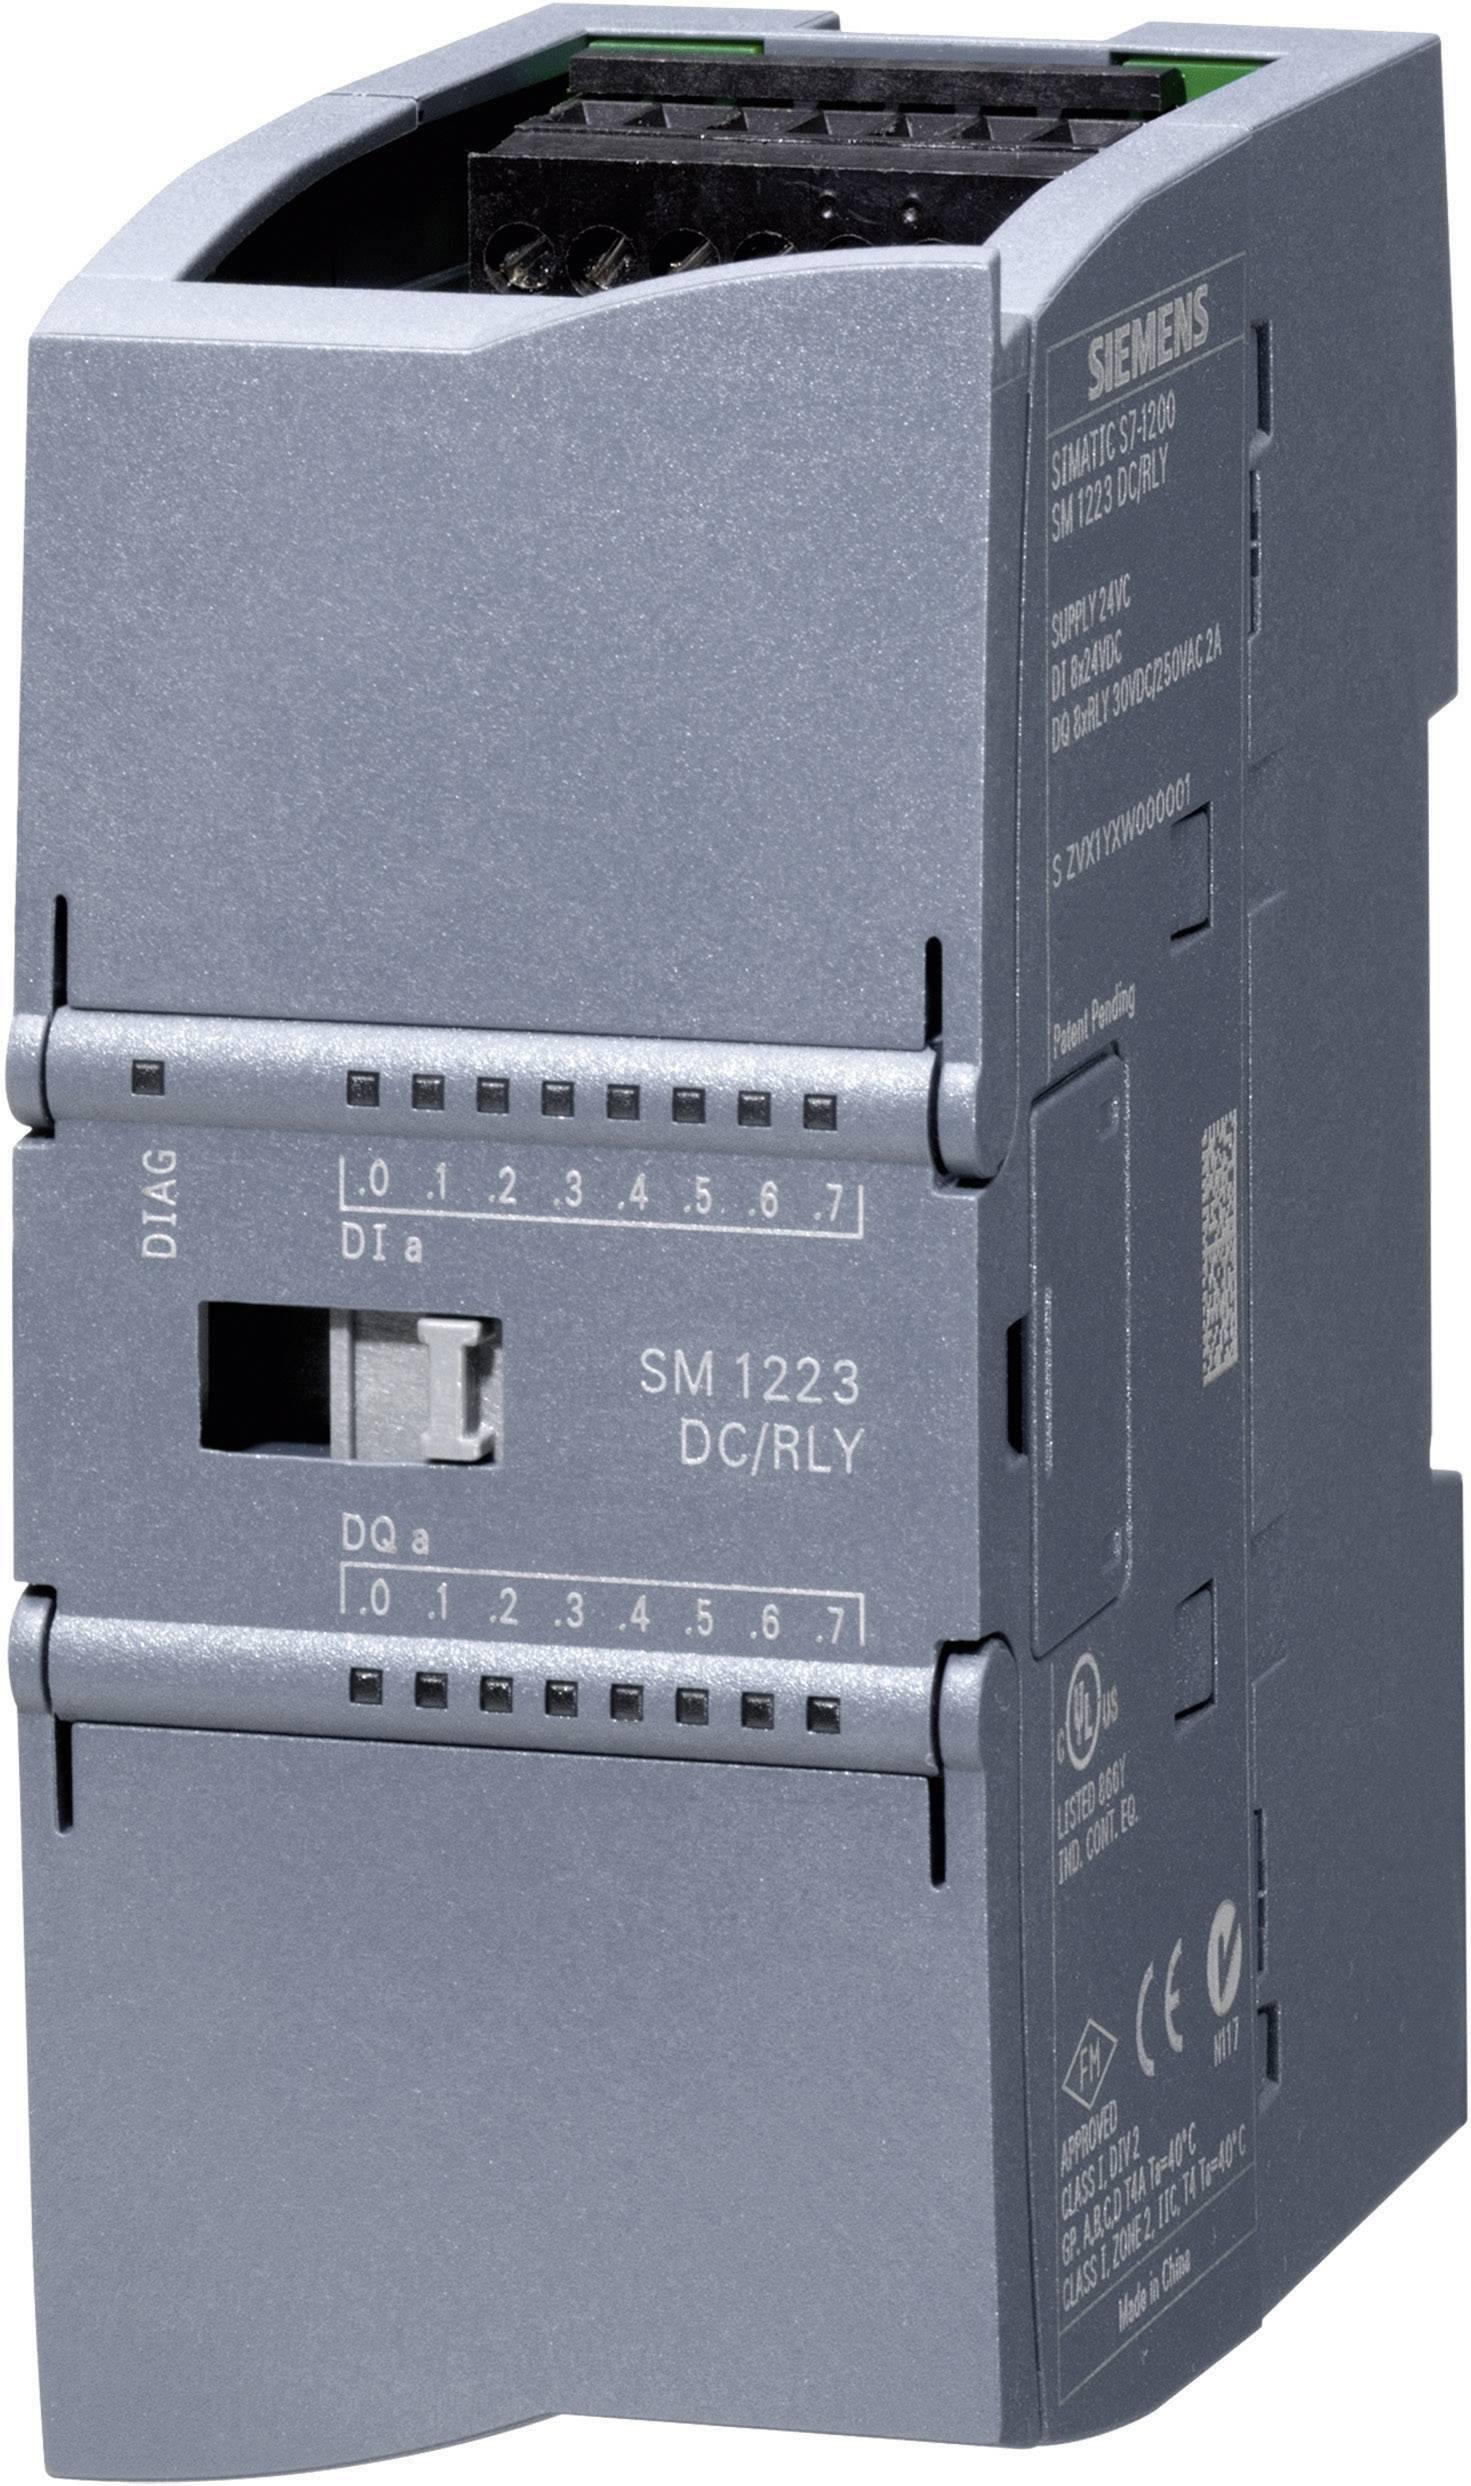 PLC rozširujúci modul Siemens SM 1223 6ES7223-1QH32-0XB0